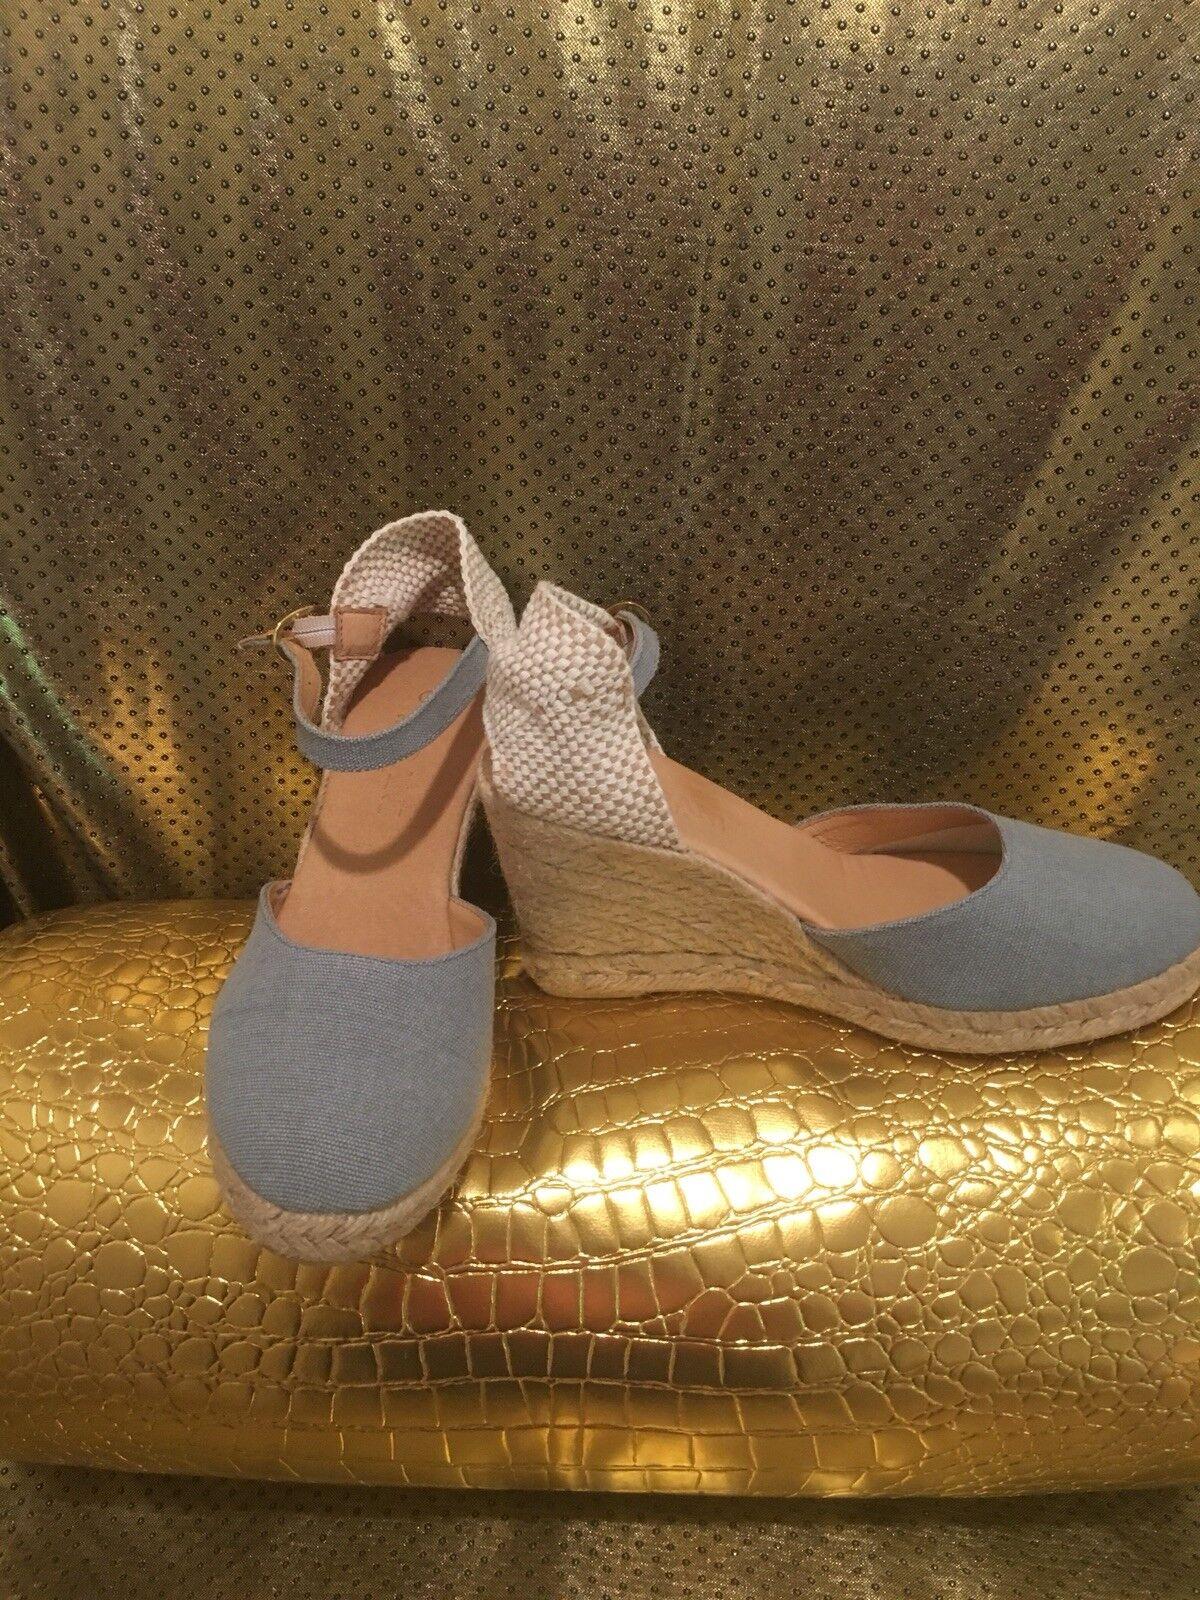 Cordani Bleu Calzature Espadrilles Chaussures Taille 37 Espagne Sandales